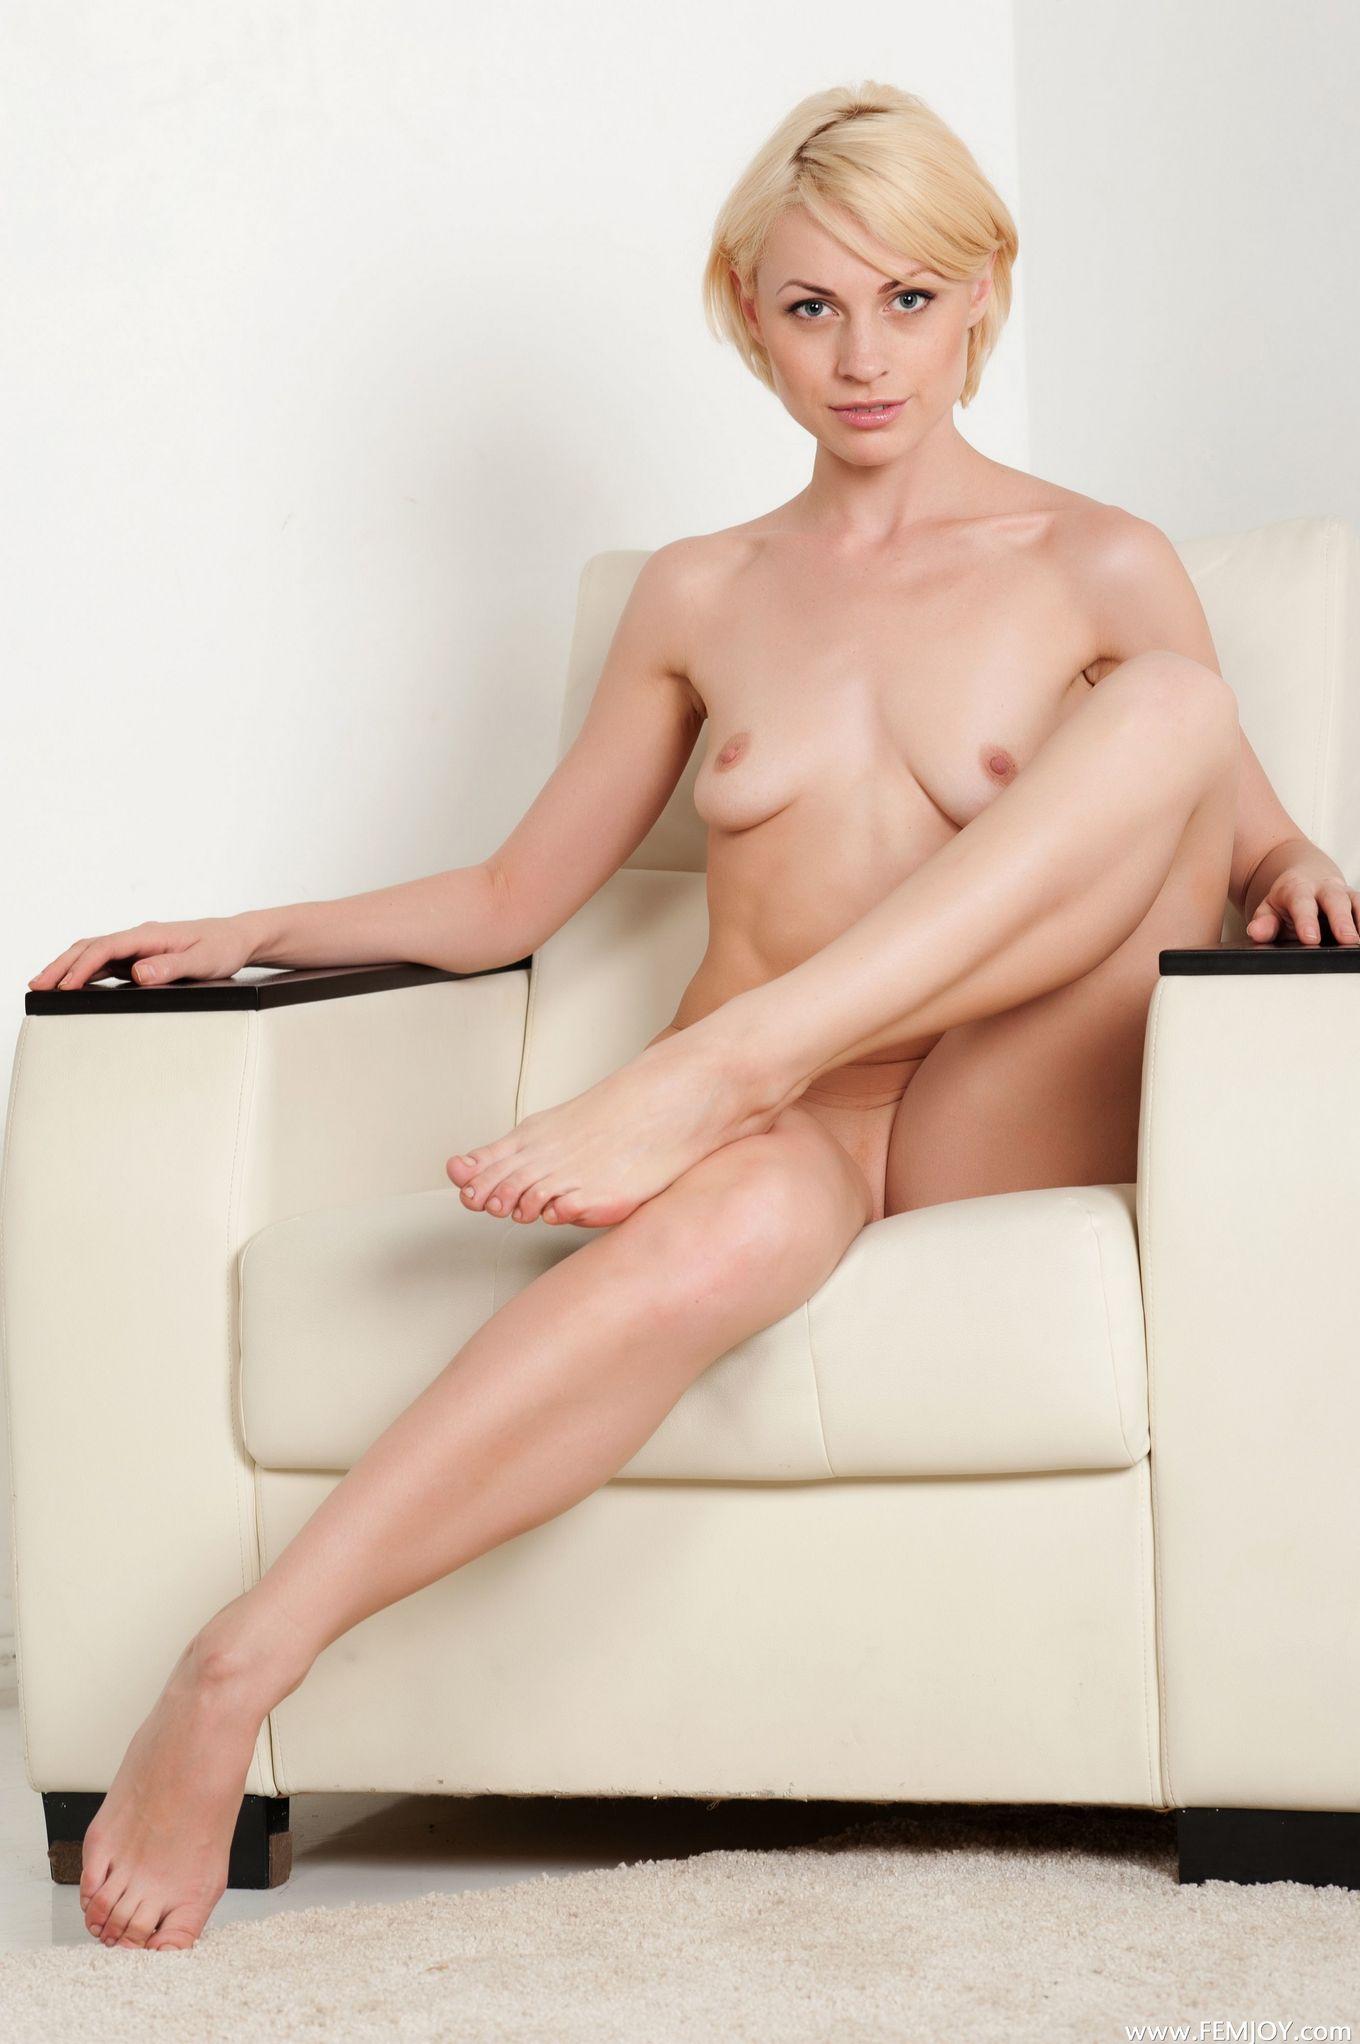 Голая блондинка с короткими волосами